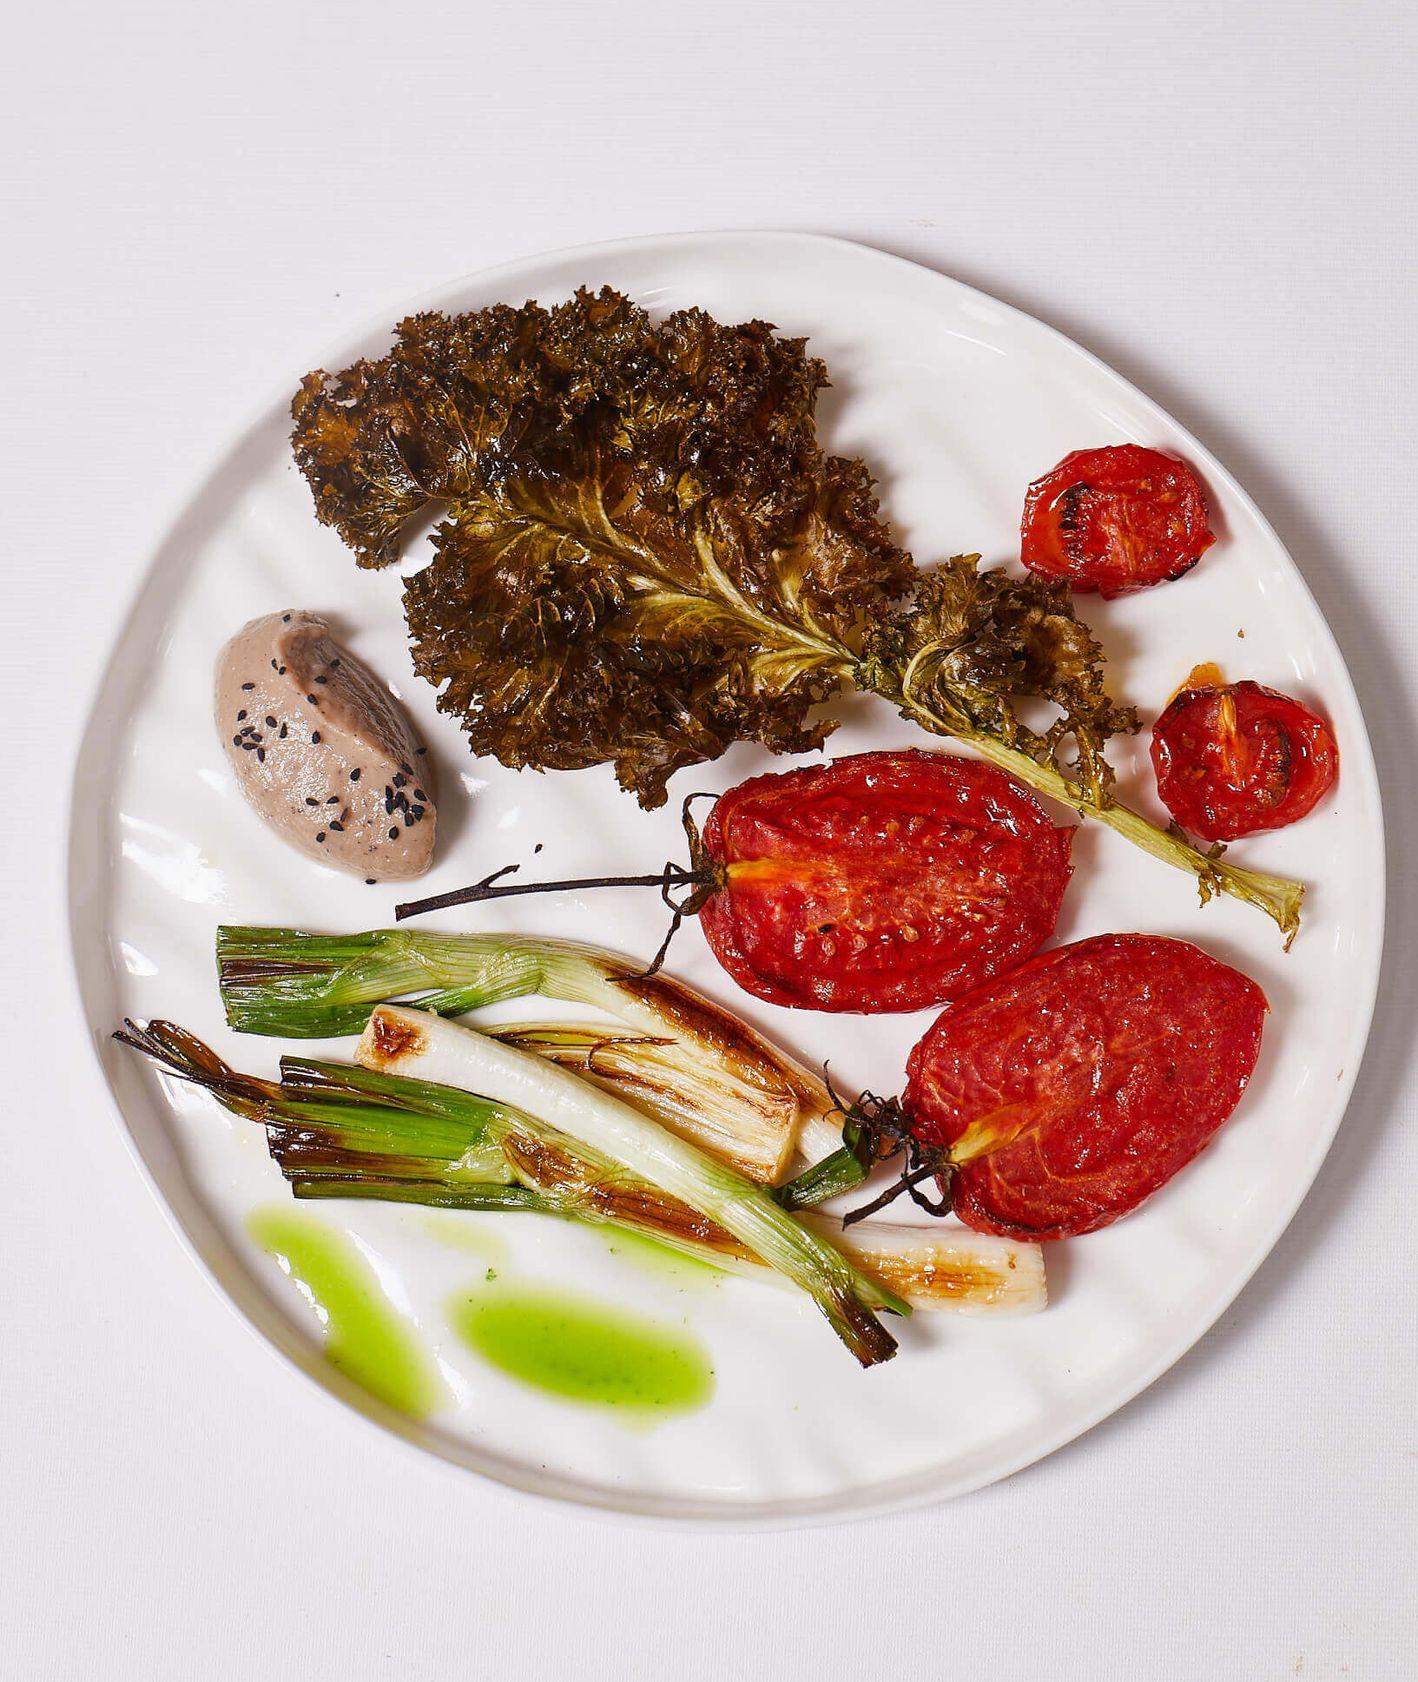 Sałatka z pieczonych pomidorów, jarmużu i dymki z purée bakłażanowym i miętowym olejem